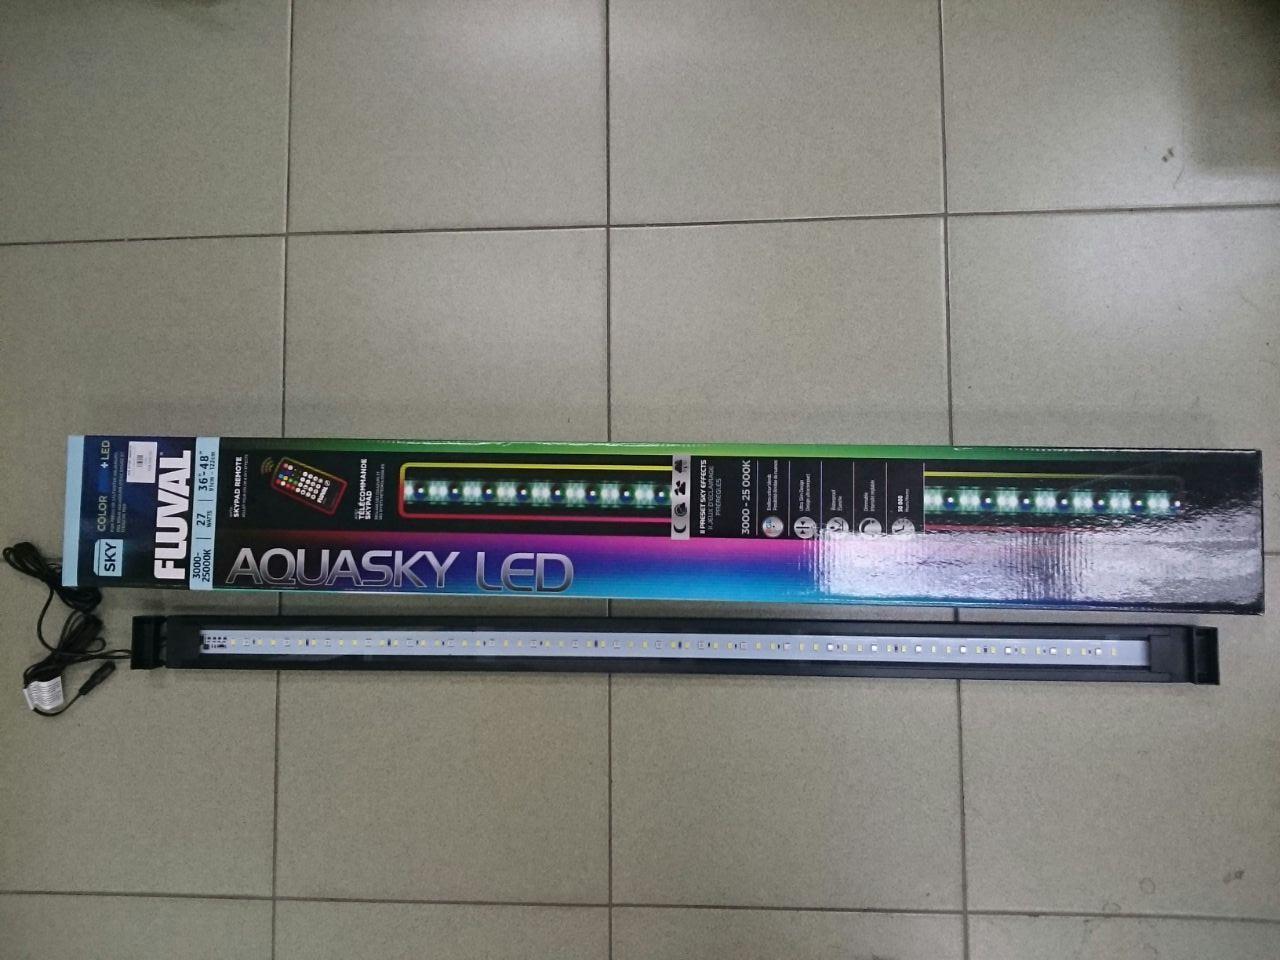 Fluval aquasky led strip light 27w end 5132019 415 pm fluval aquasky led strip light 27w mozeypictures Gallery